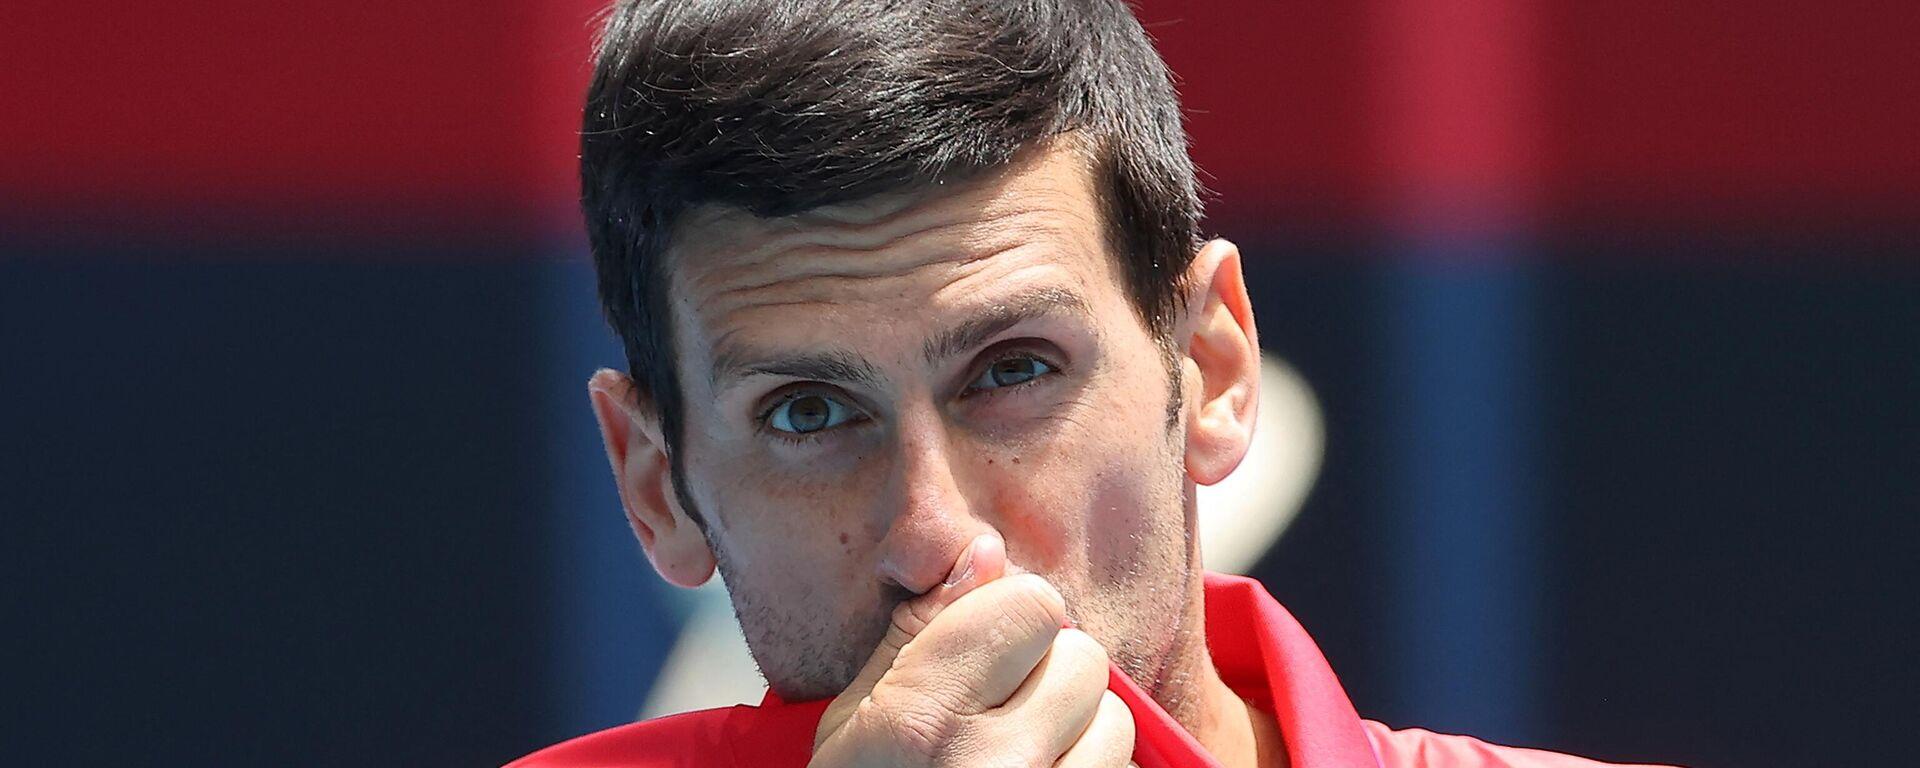 Novak Đoković ljubi grb Srbije tokom ATP kupa 2021. - Sputnik Srbija, 1920, 24.07.2021